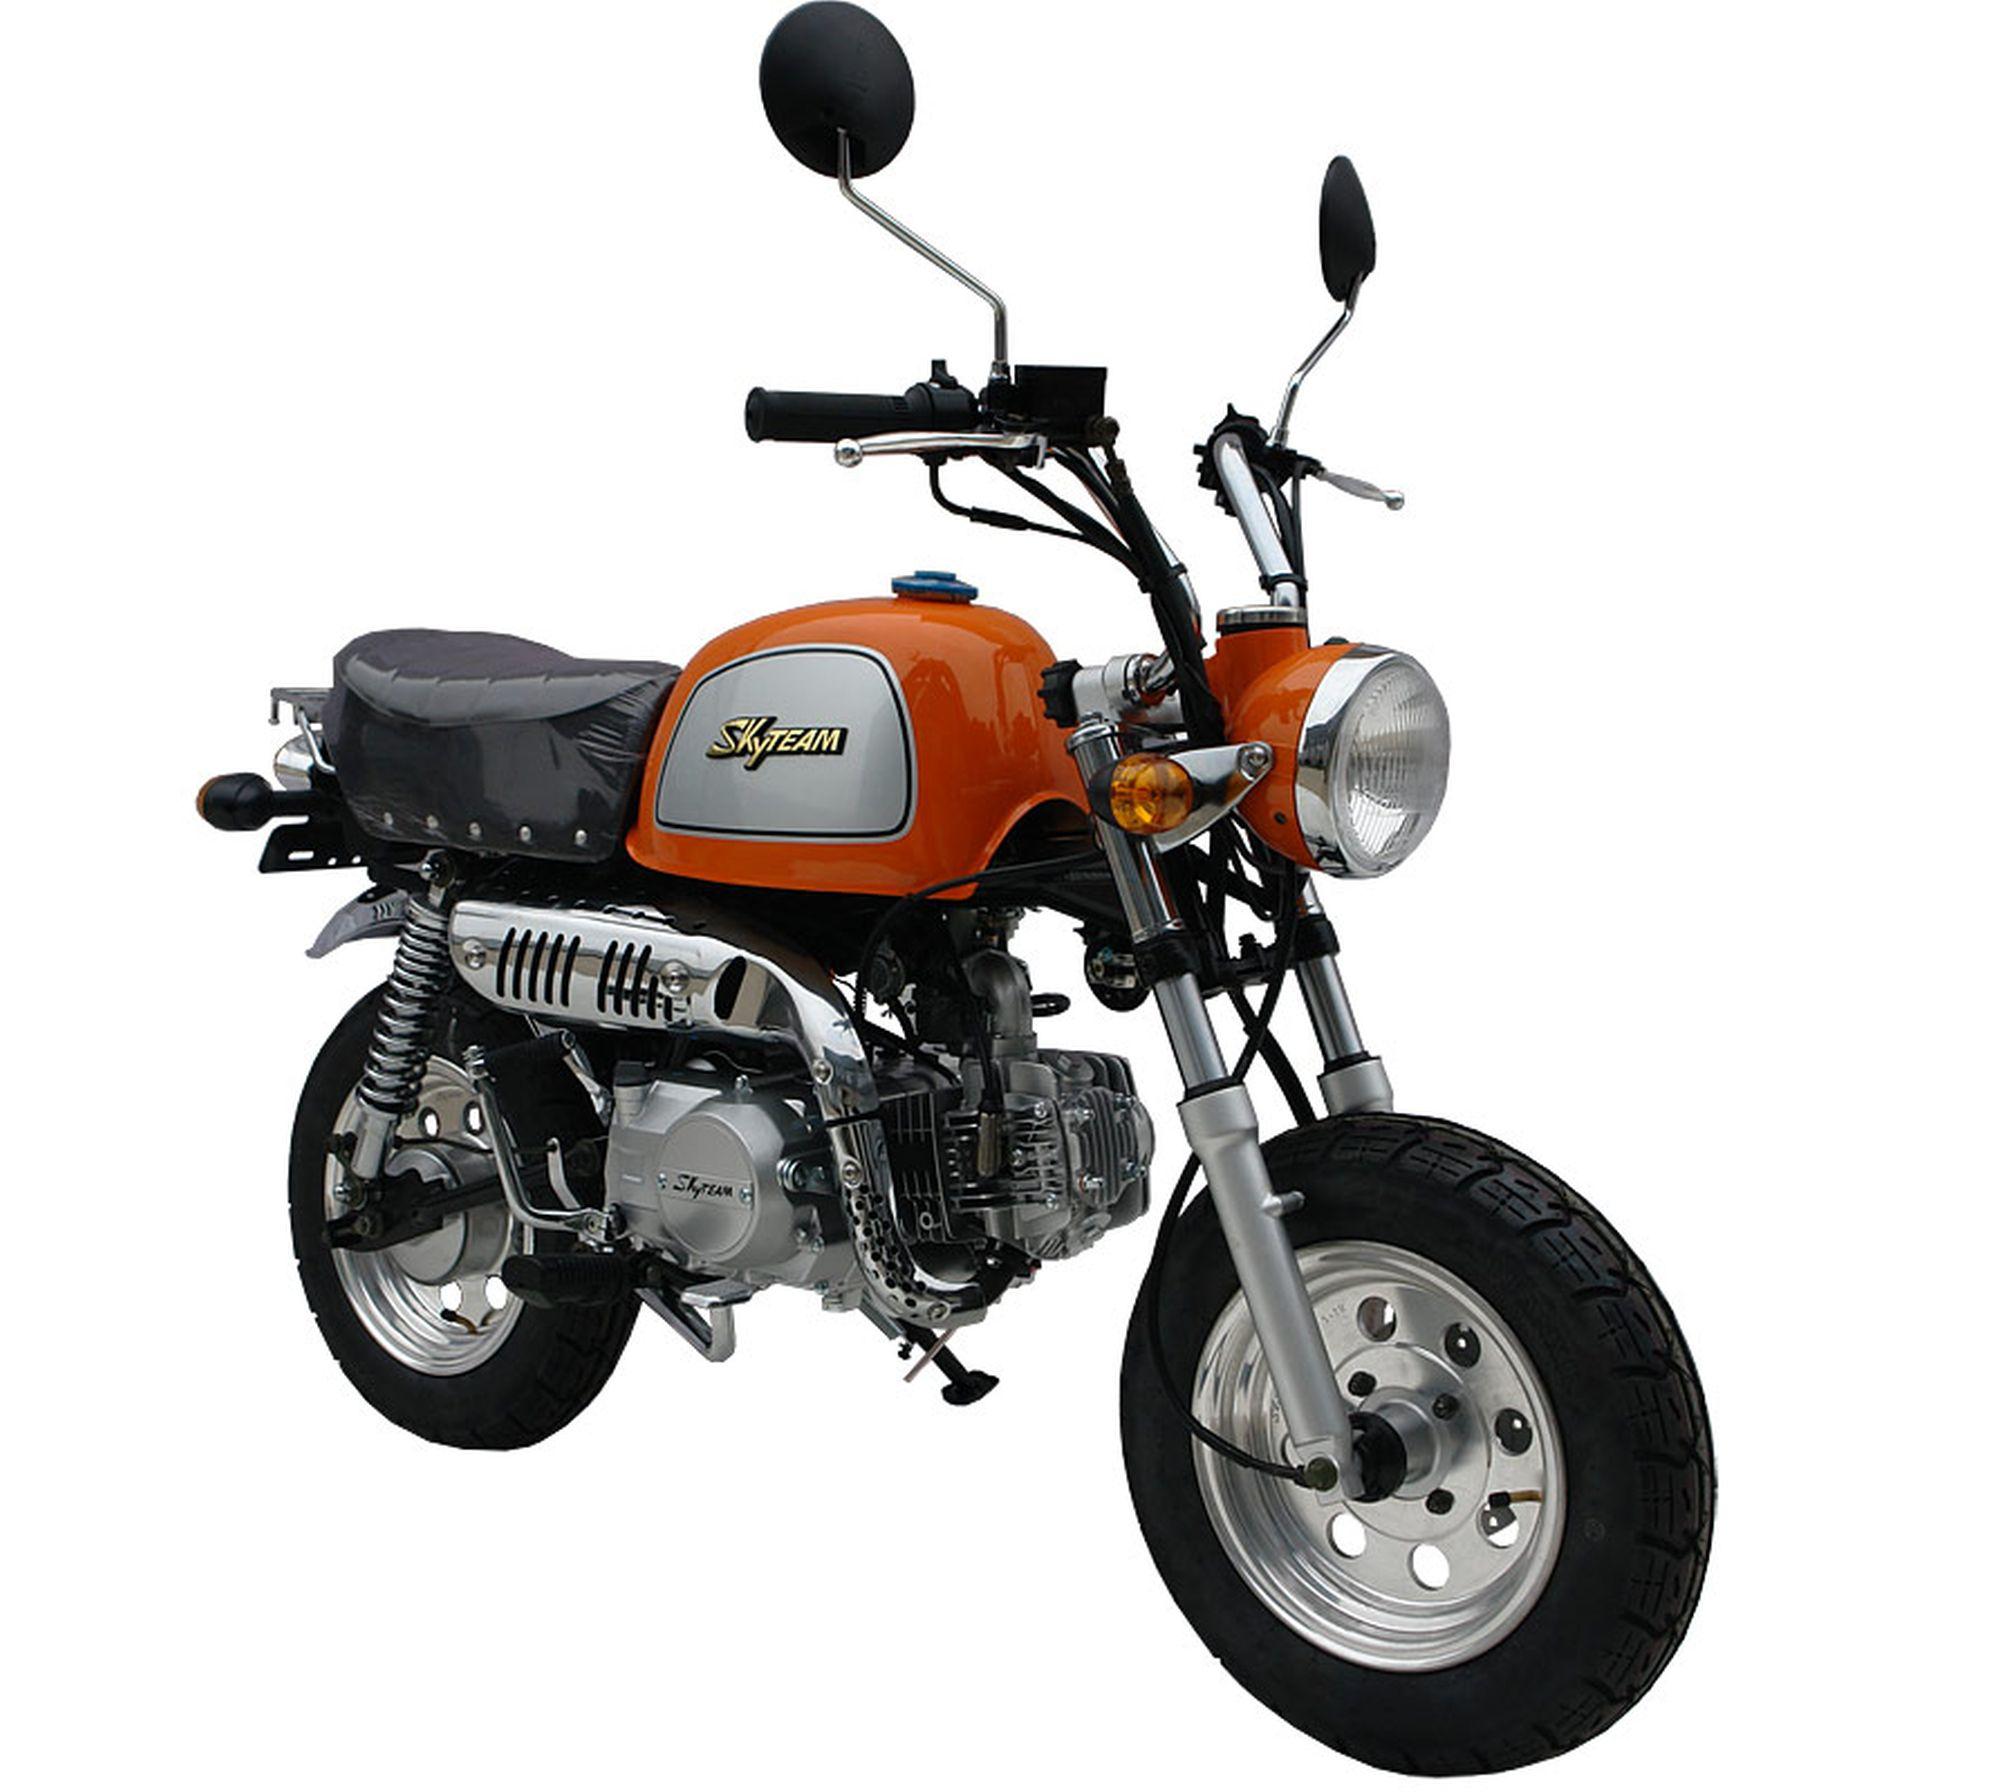 Gebrauchte Skyteam Gorilla 125 Motorräder Kaufen